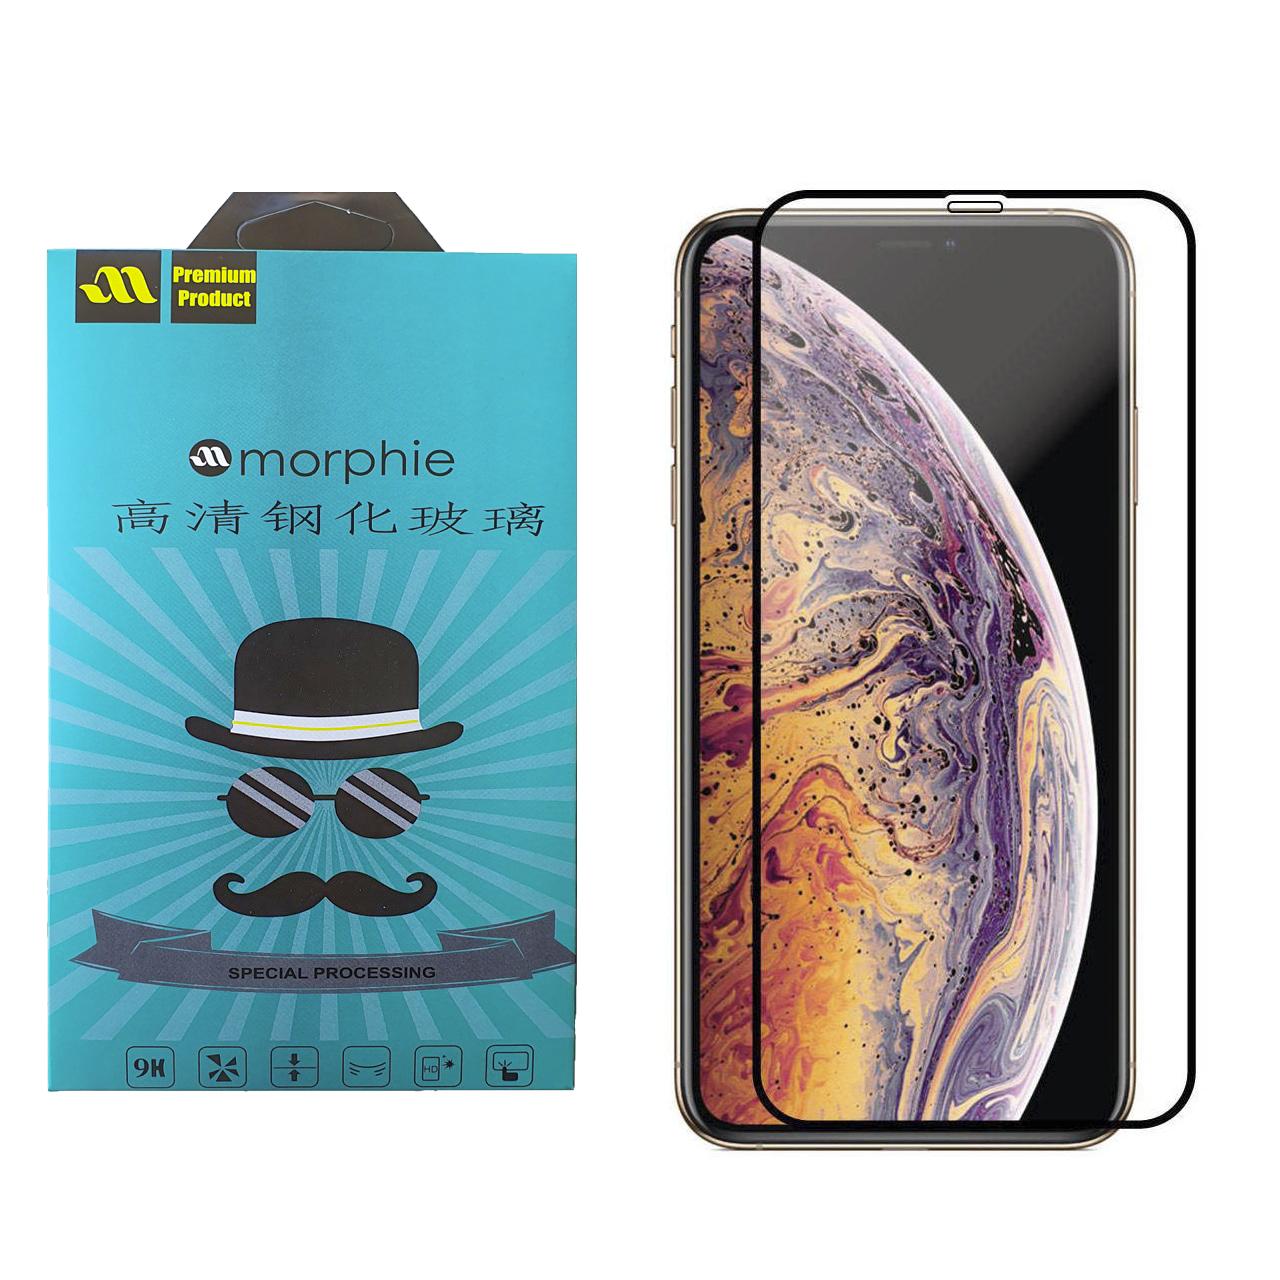 محافظ صفحه نمایش 6D مورفی مدل MR7 مناسب برای گوشی موبایل اپل Iphone XS MAX